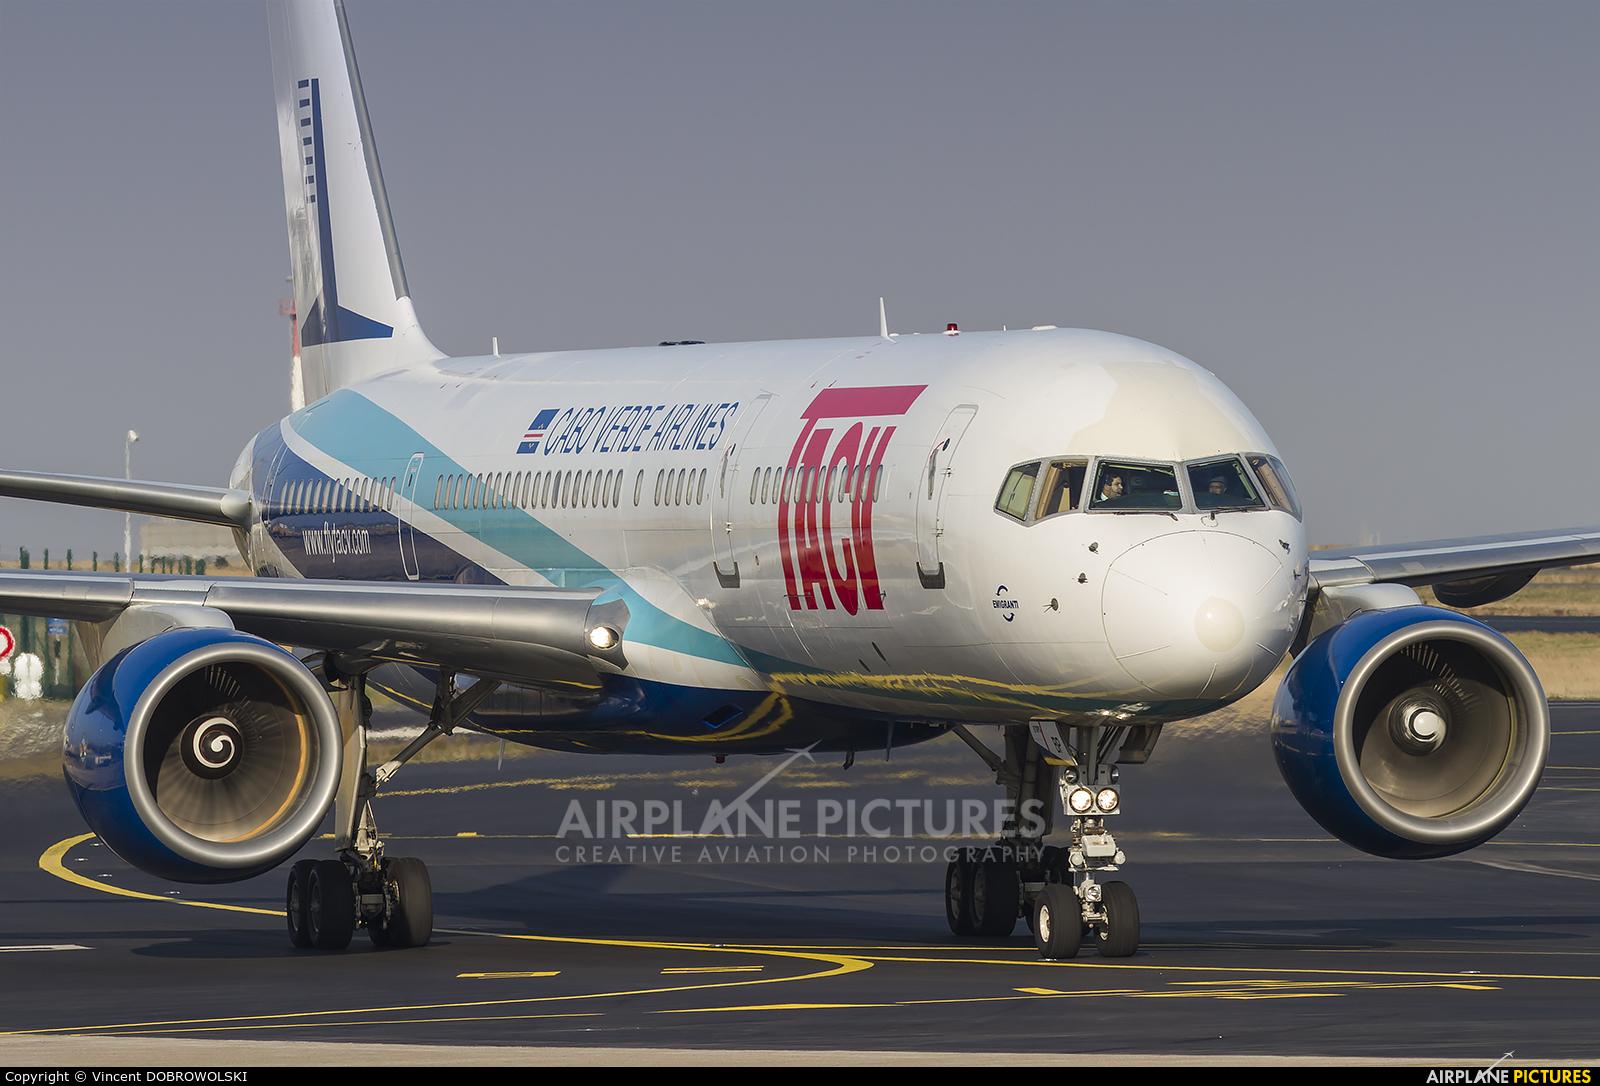 TACV-Cabo Verde Airlines D4-CBP aircraft at Paris - Charles de Gaulle